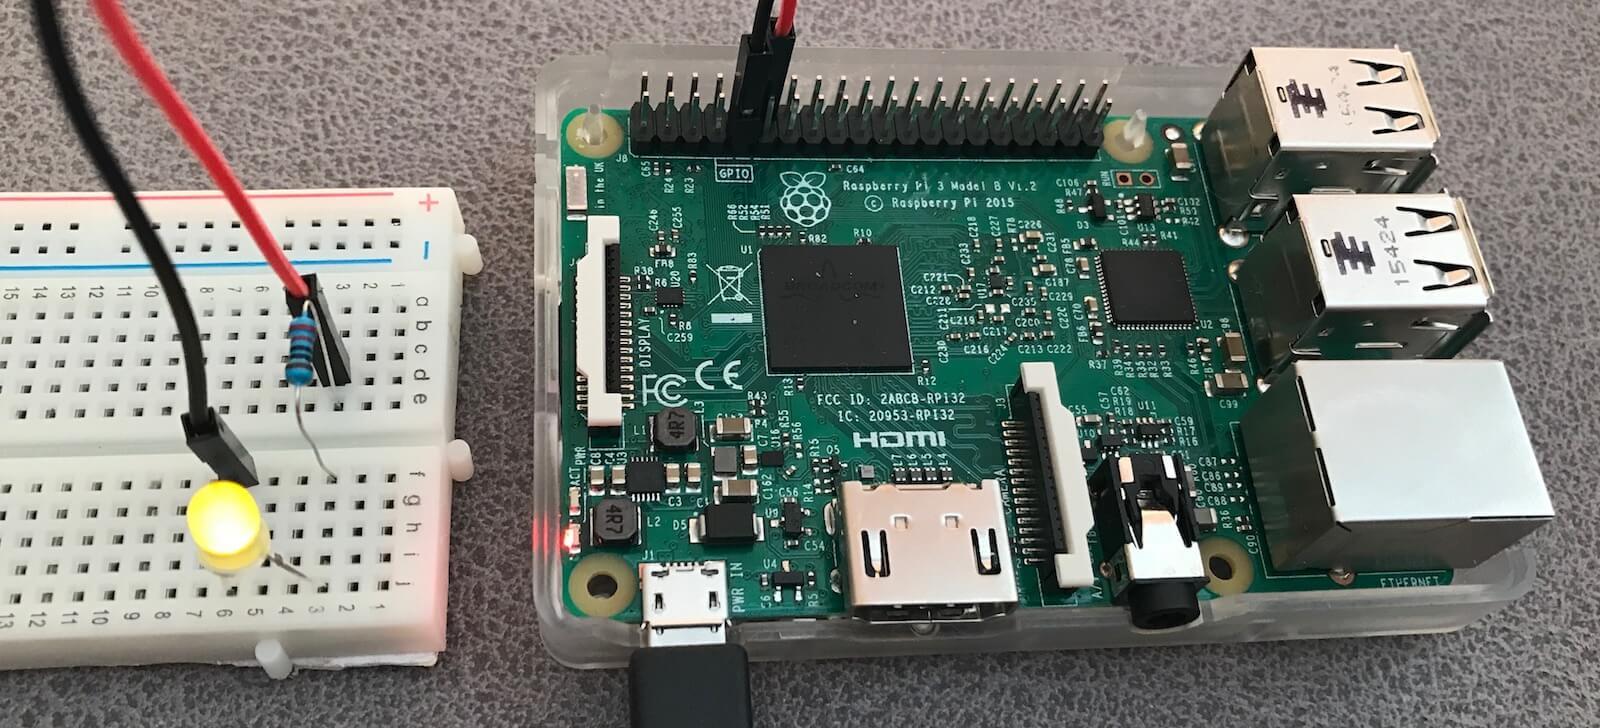 Pleasing Kaarslicht Simuleren Met Behulp Van Led Pwm En Rpi Raspberrytips Nl Wiring Digital Resources Skatpmognl